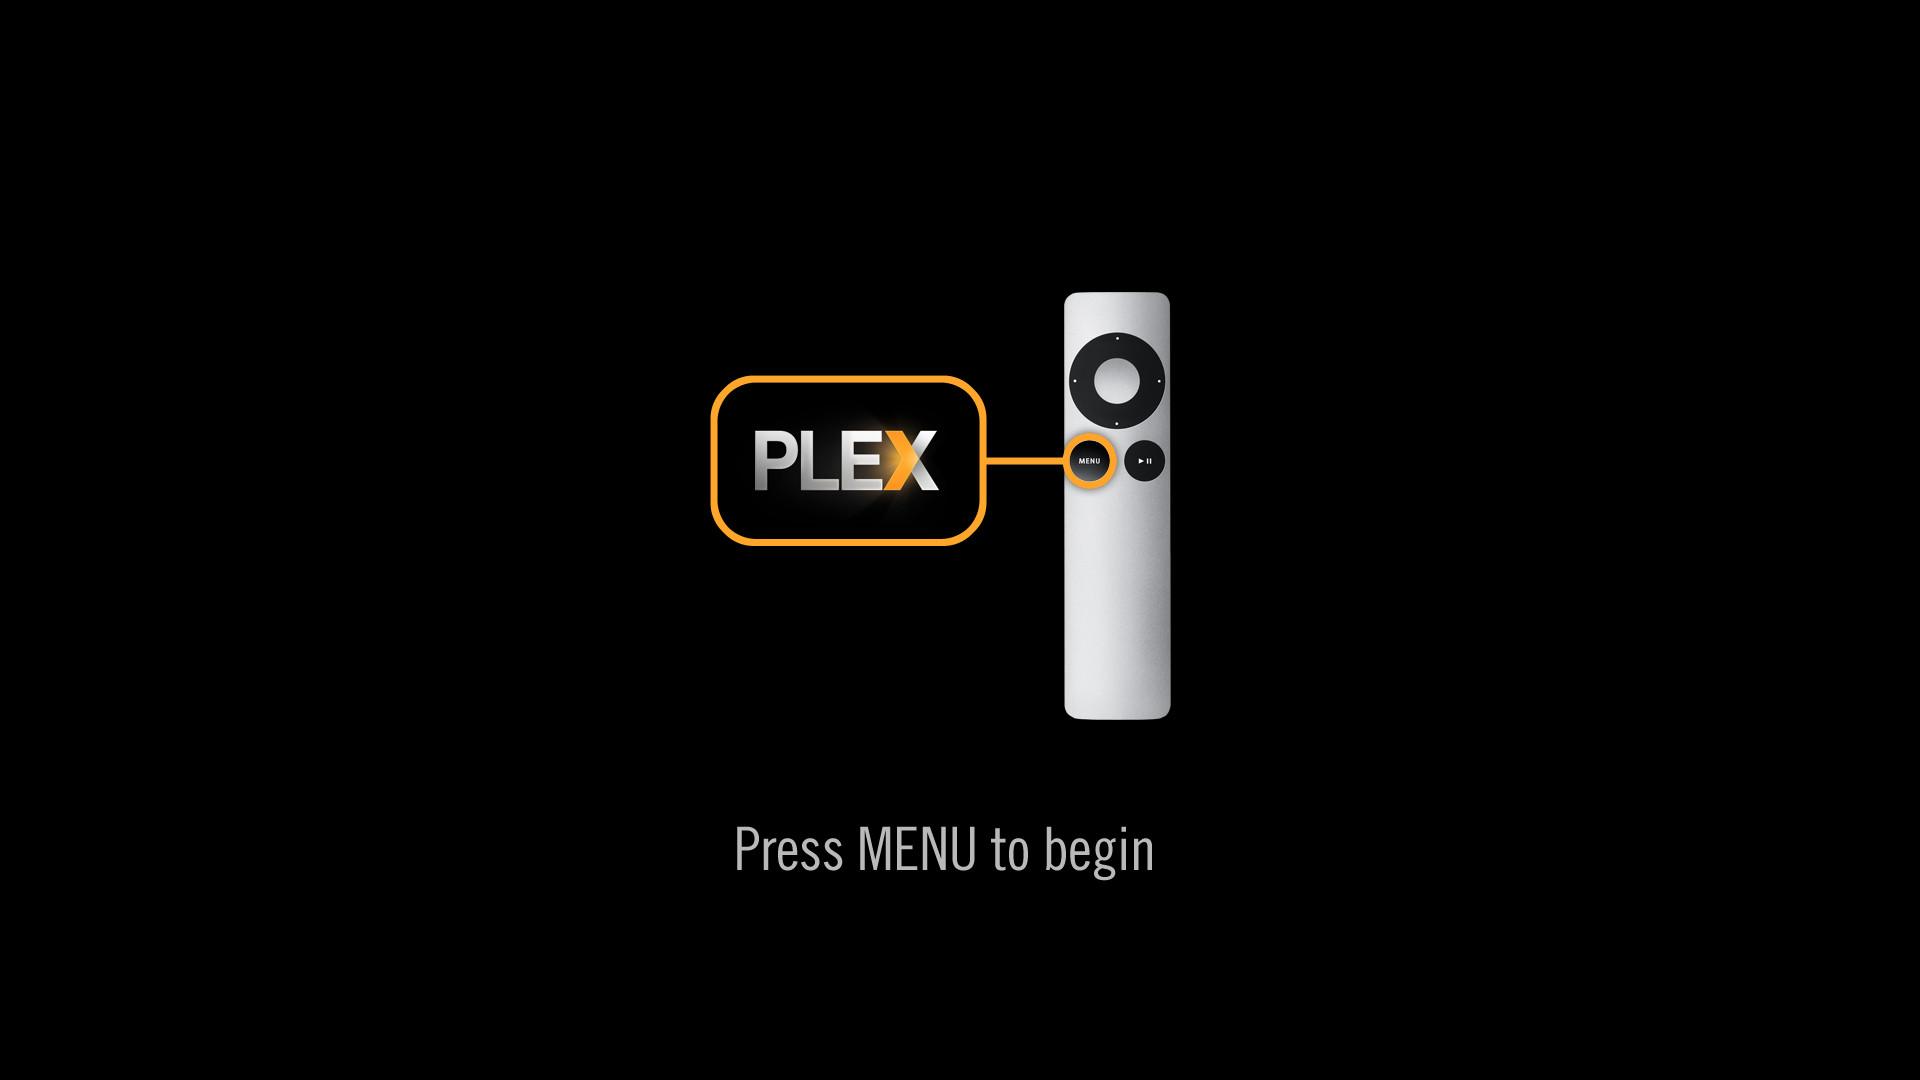 Plex Media Server Wallpaper